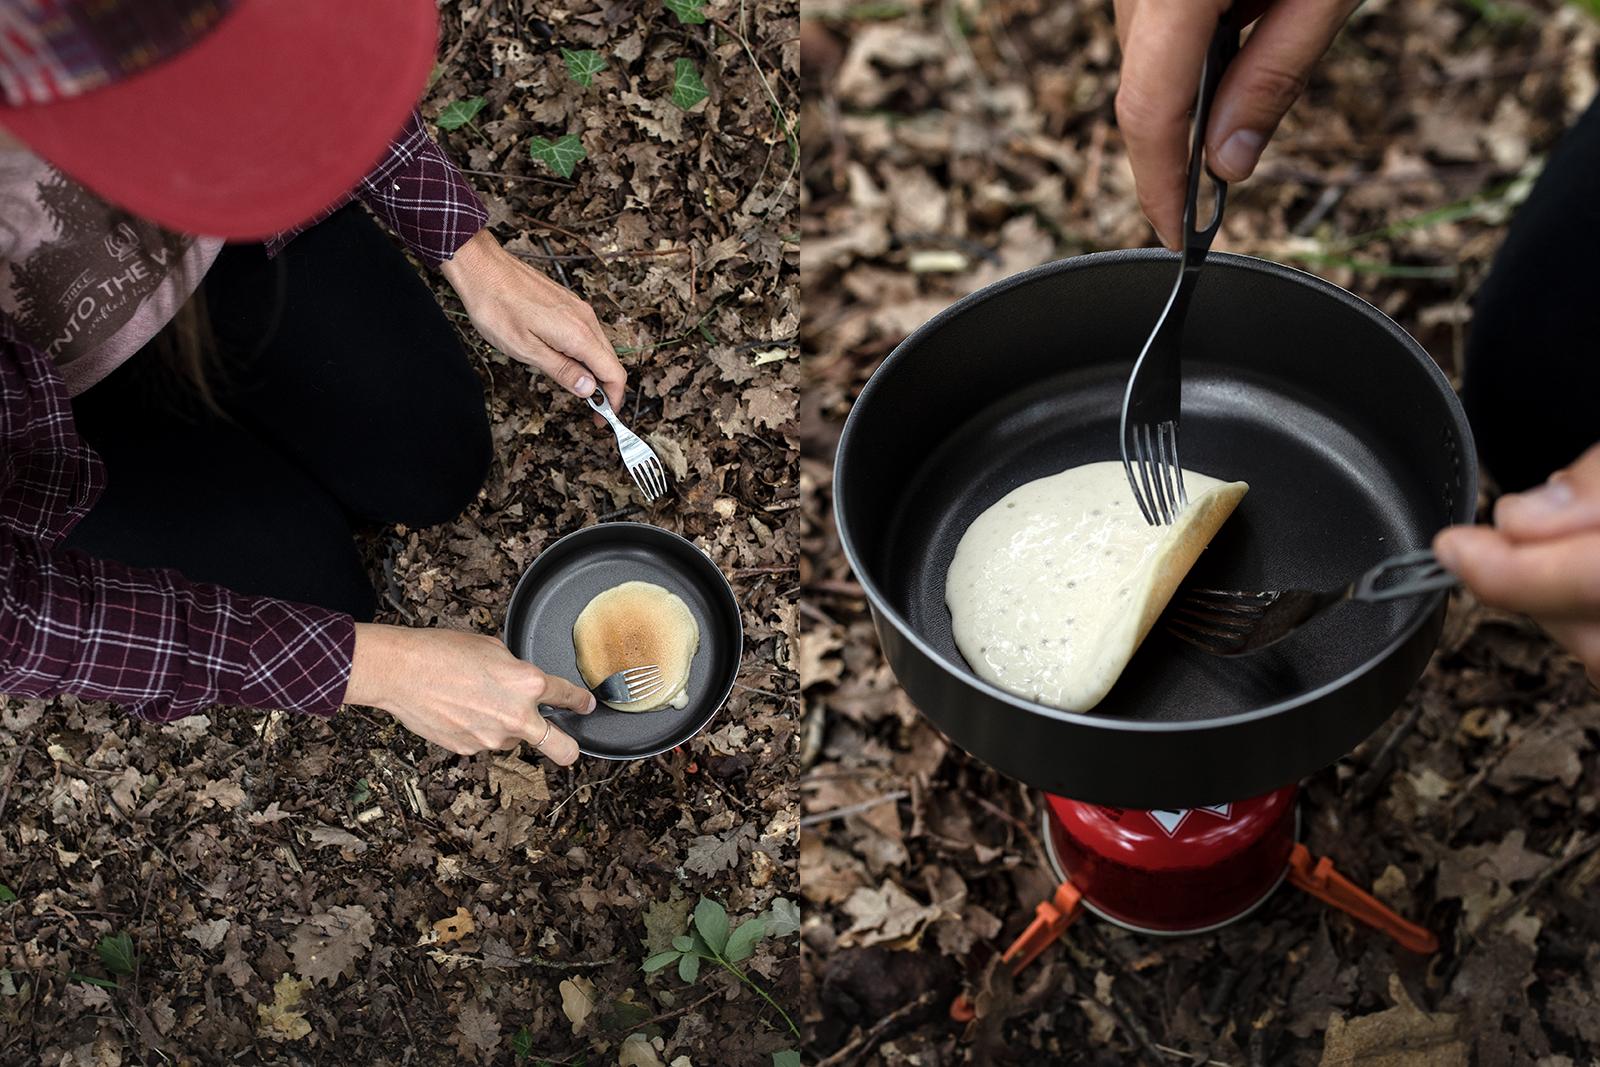 Cuisiner en bivouac au réchaud, recette de pancakes faciles